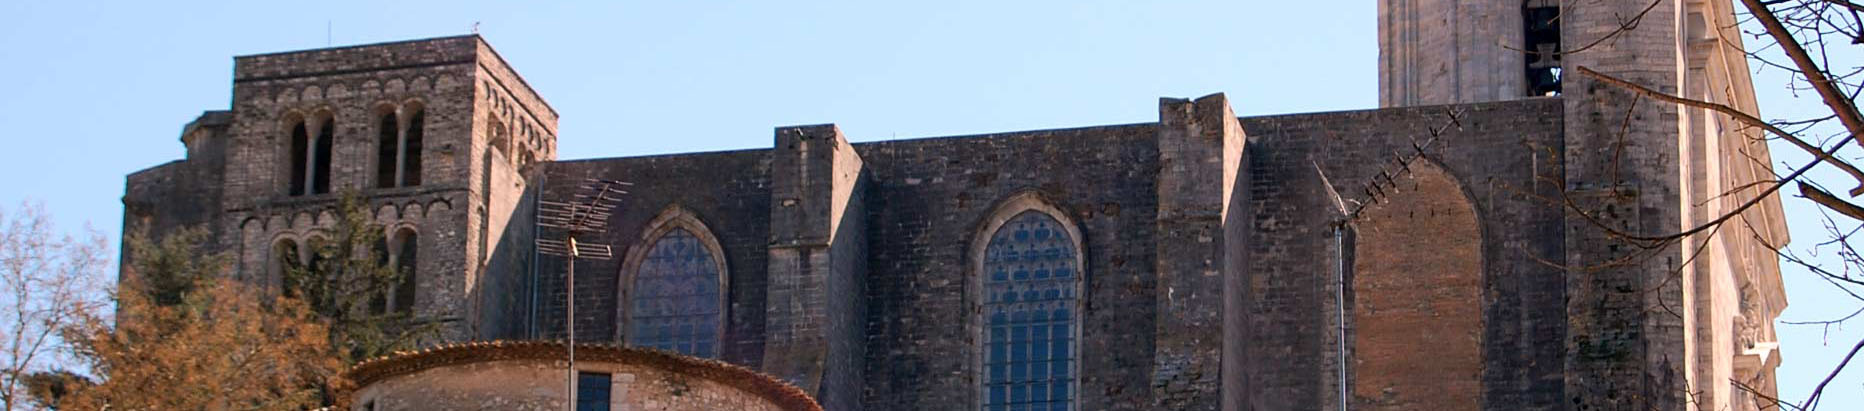 Fachada norte de la Catedral de Girona que se rehabilitará